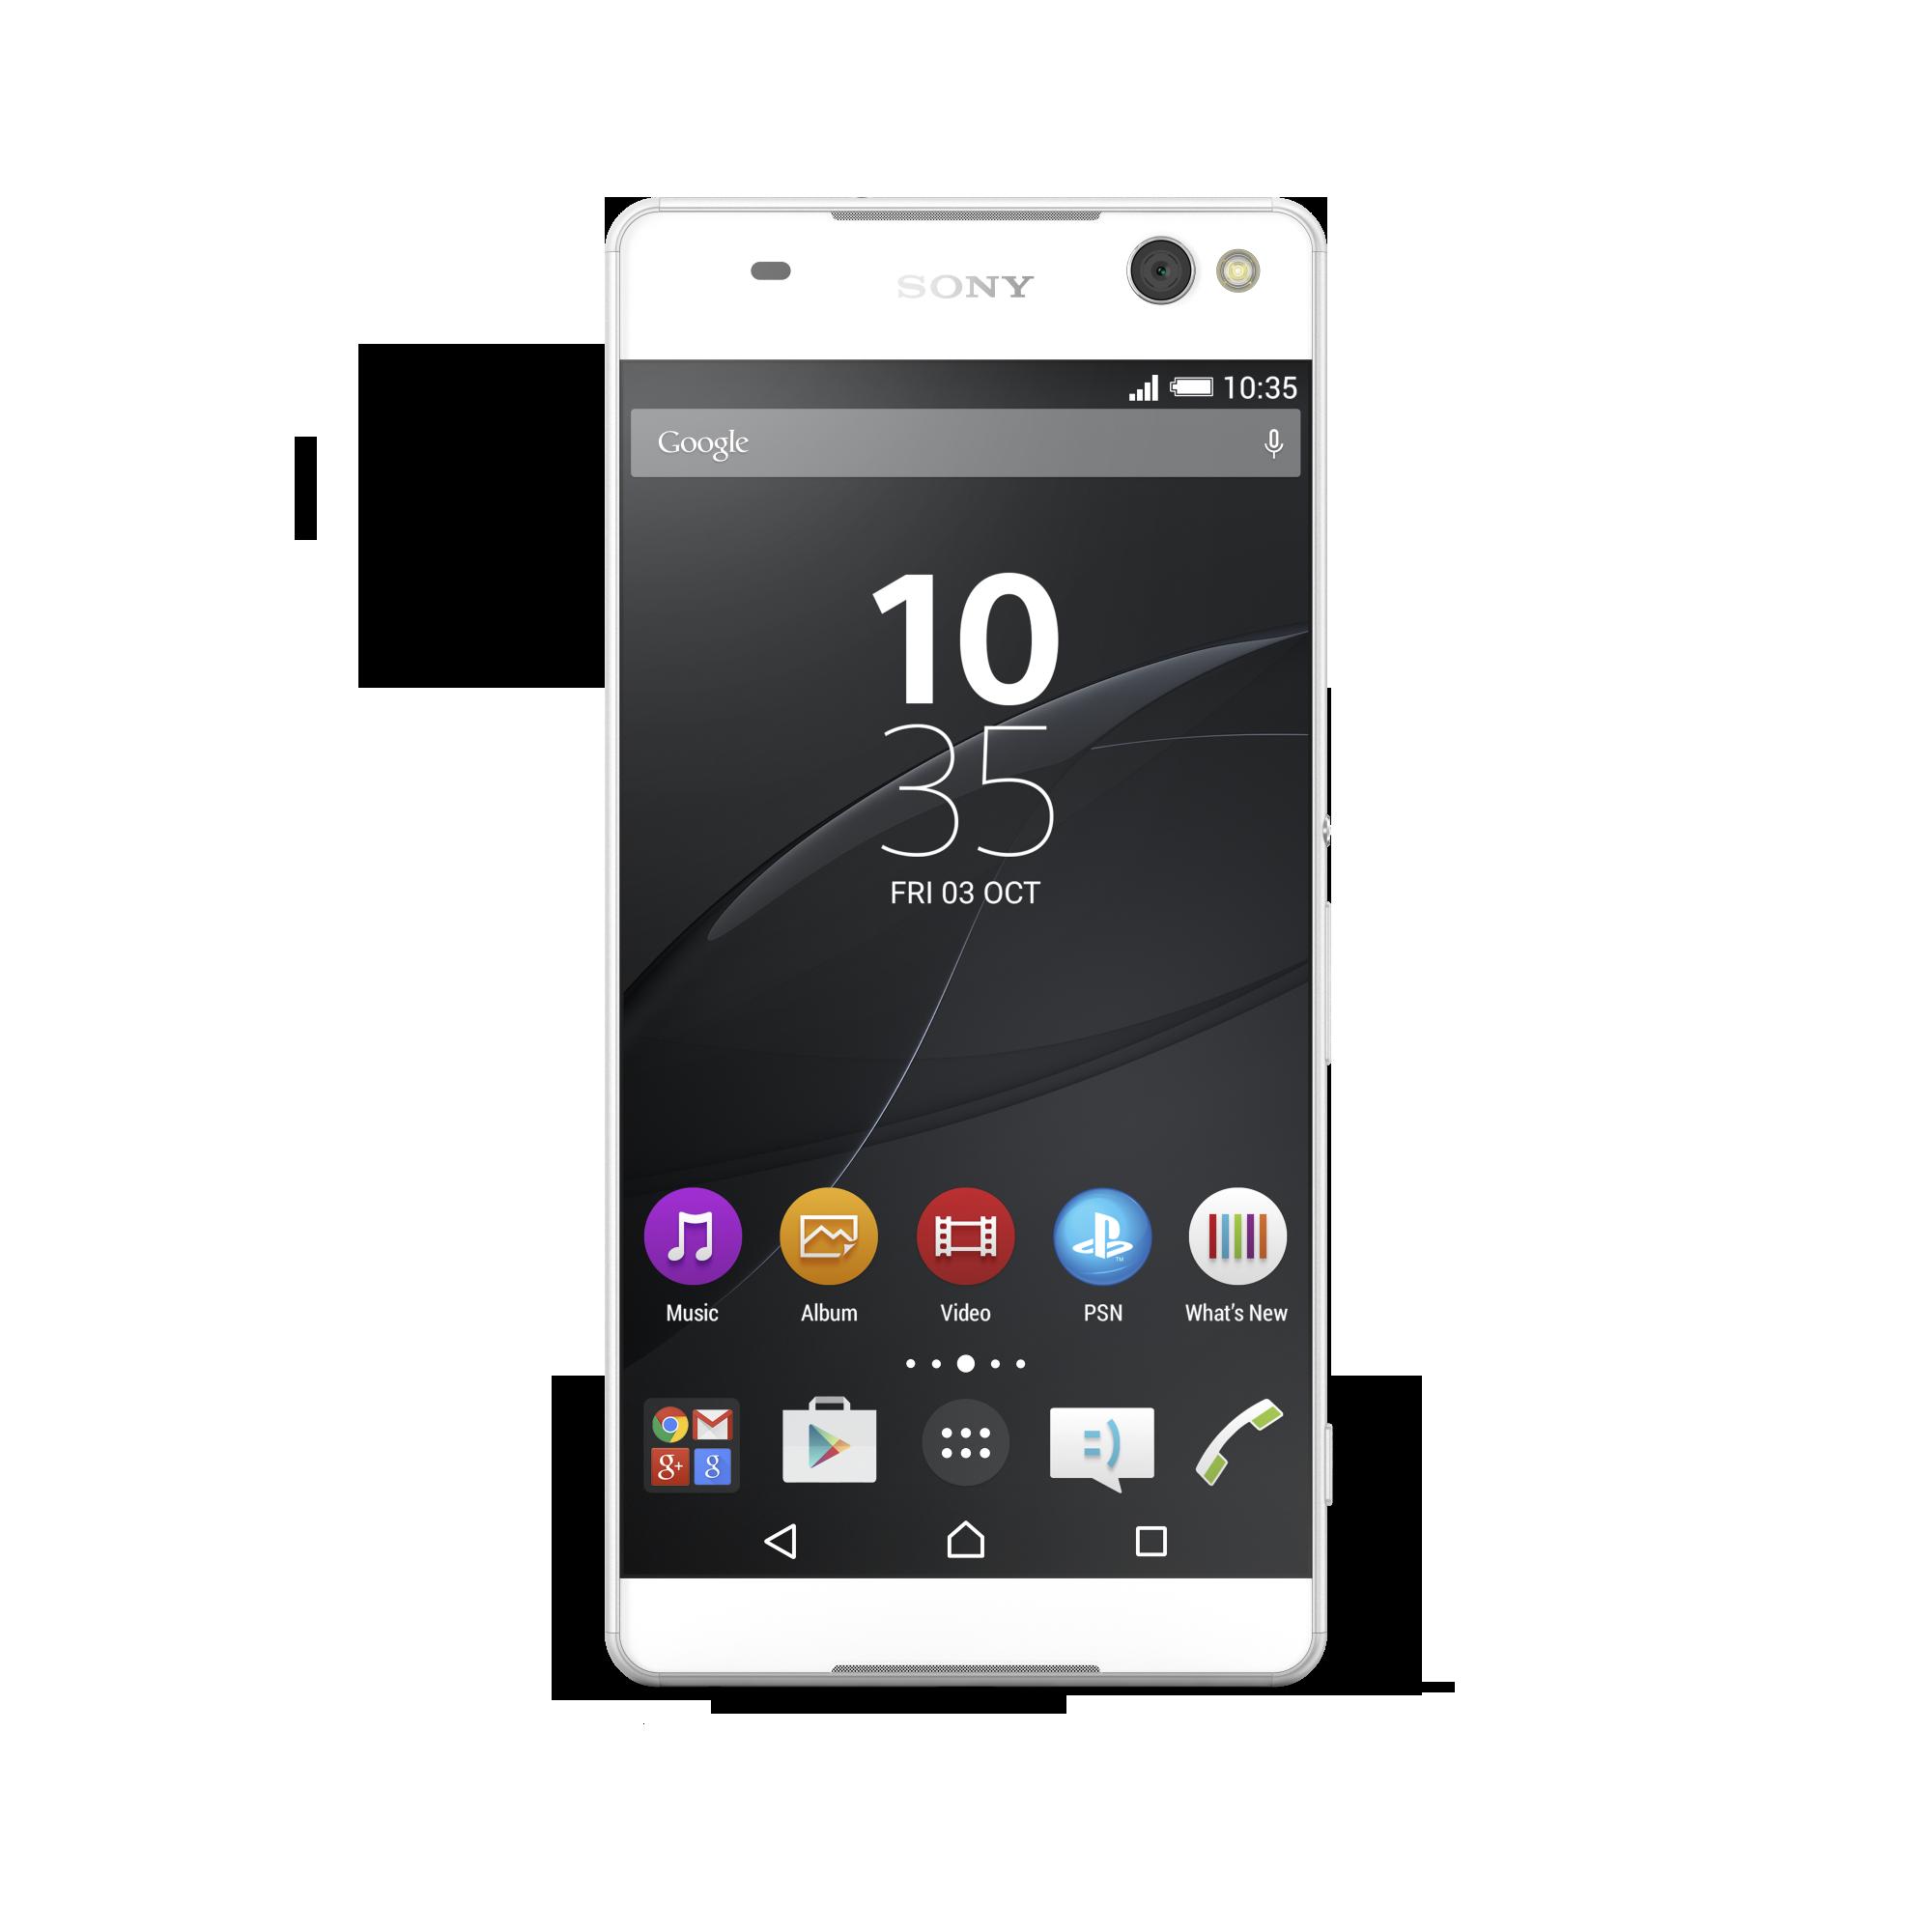 Мобильный телефон Sony Xperia C5 Ultra Dual E5533 WhiteМобильные телефоны<br><br><br>Тип: Смартфон<br>Стандарт: GSM 900/1800/1900, 3G, 4G LTE, LTE-A<br>Поддержка диапазонов LTE: Bands 1, 3, 5, 7, 8, 20<br>Тип трубки: классический<br>Поддержка двух SIM-карт: есть<br>Операционная система: Android 5.0<br>Встроенная память: 16 Гб<br>Фотокамера: 13 млн пикс., светодиодная вспышка (фронтальная и тыльная)<br>Форматы проигрывателя: MP3<br>Разъем для наушников: 3.5 мм